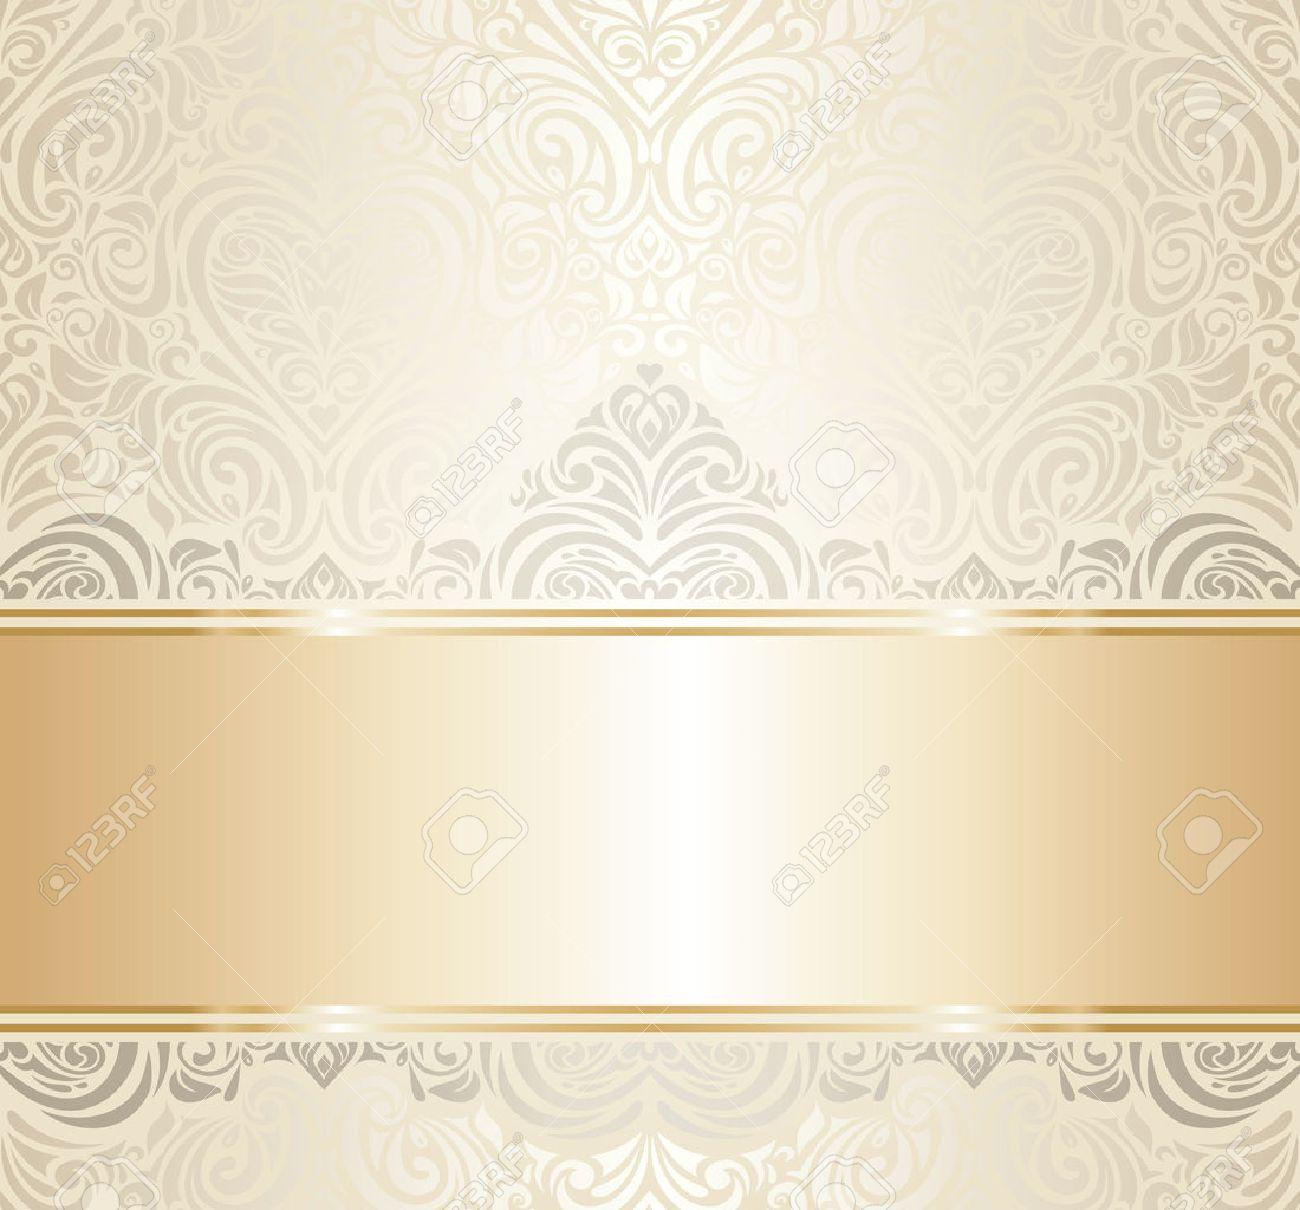 White gold vintage invitation luxury background design royalty free white gold vintage invitation luxury background design stock vector 27451507 stopboris Choice Image